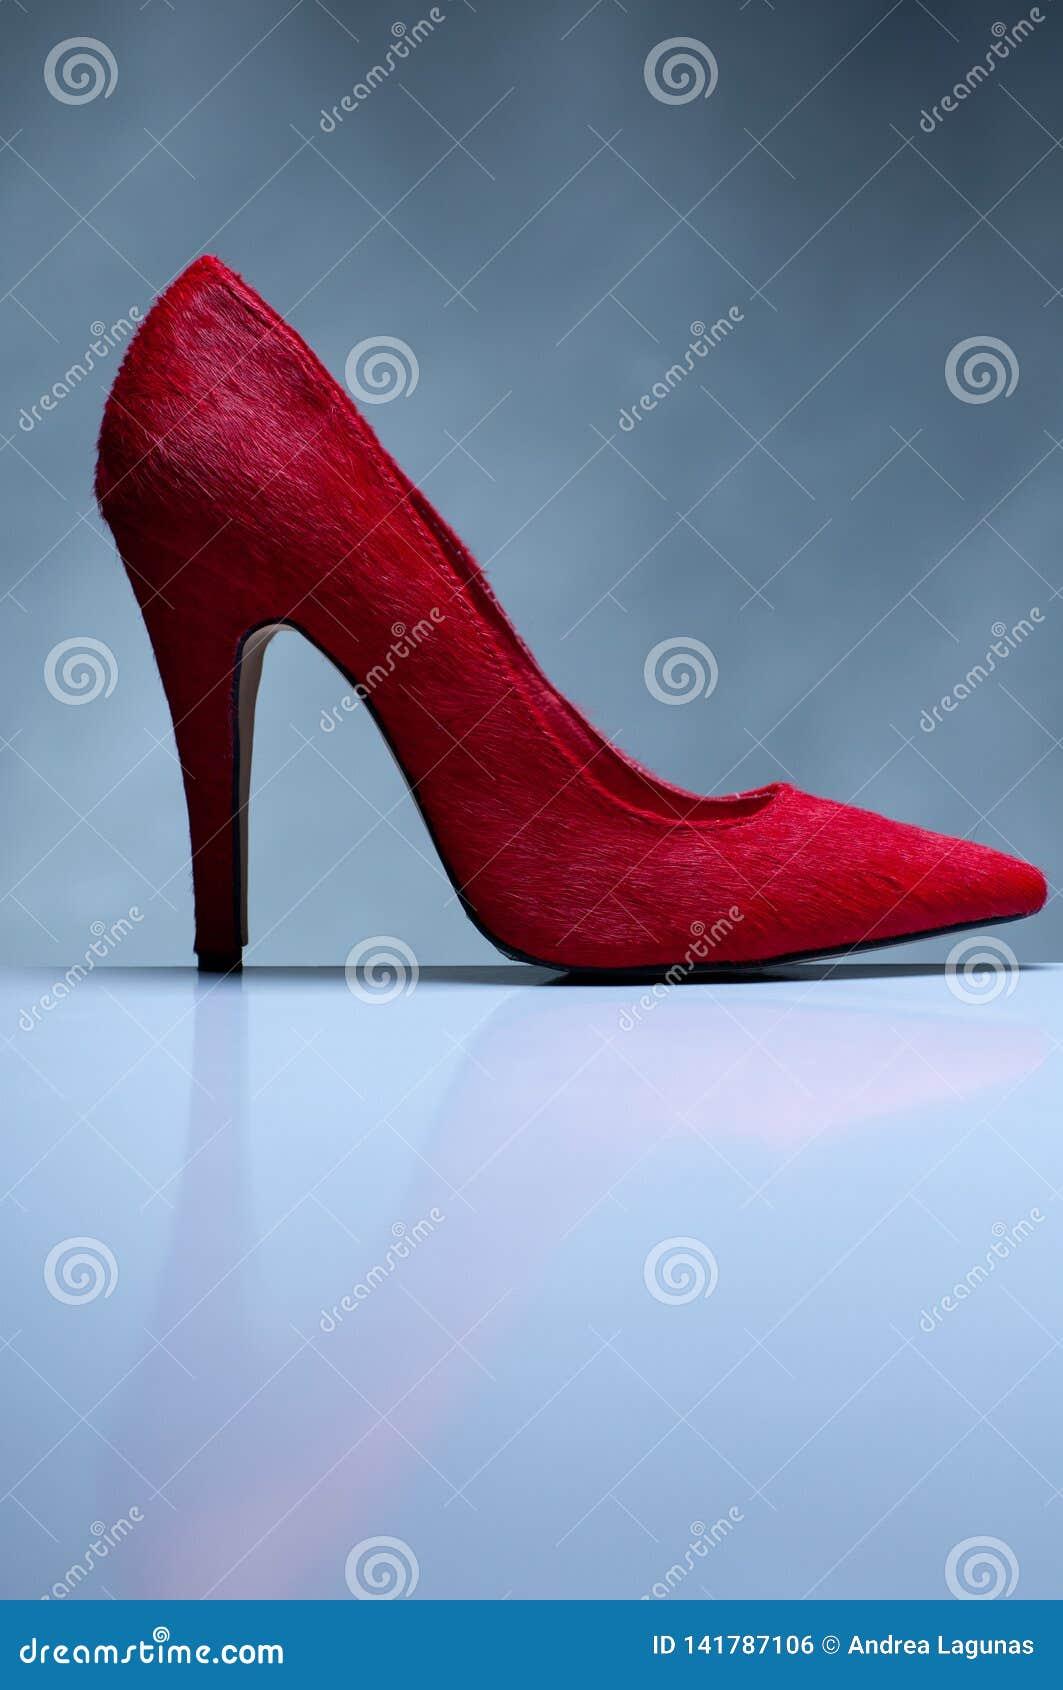 Κόκκινα υψηλά τακούνια στο γκρίζο υπόβαθρο